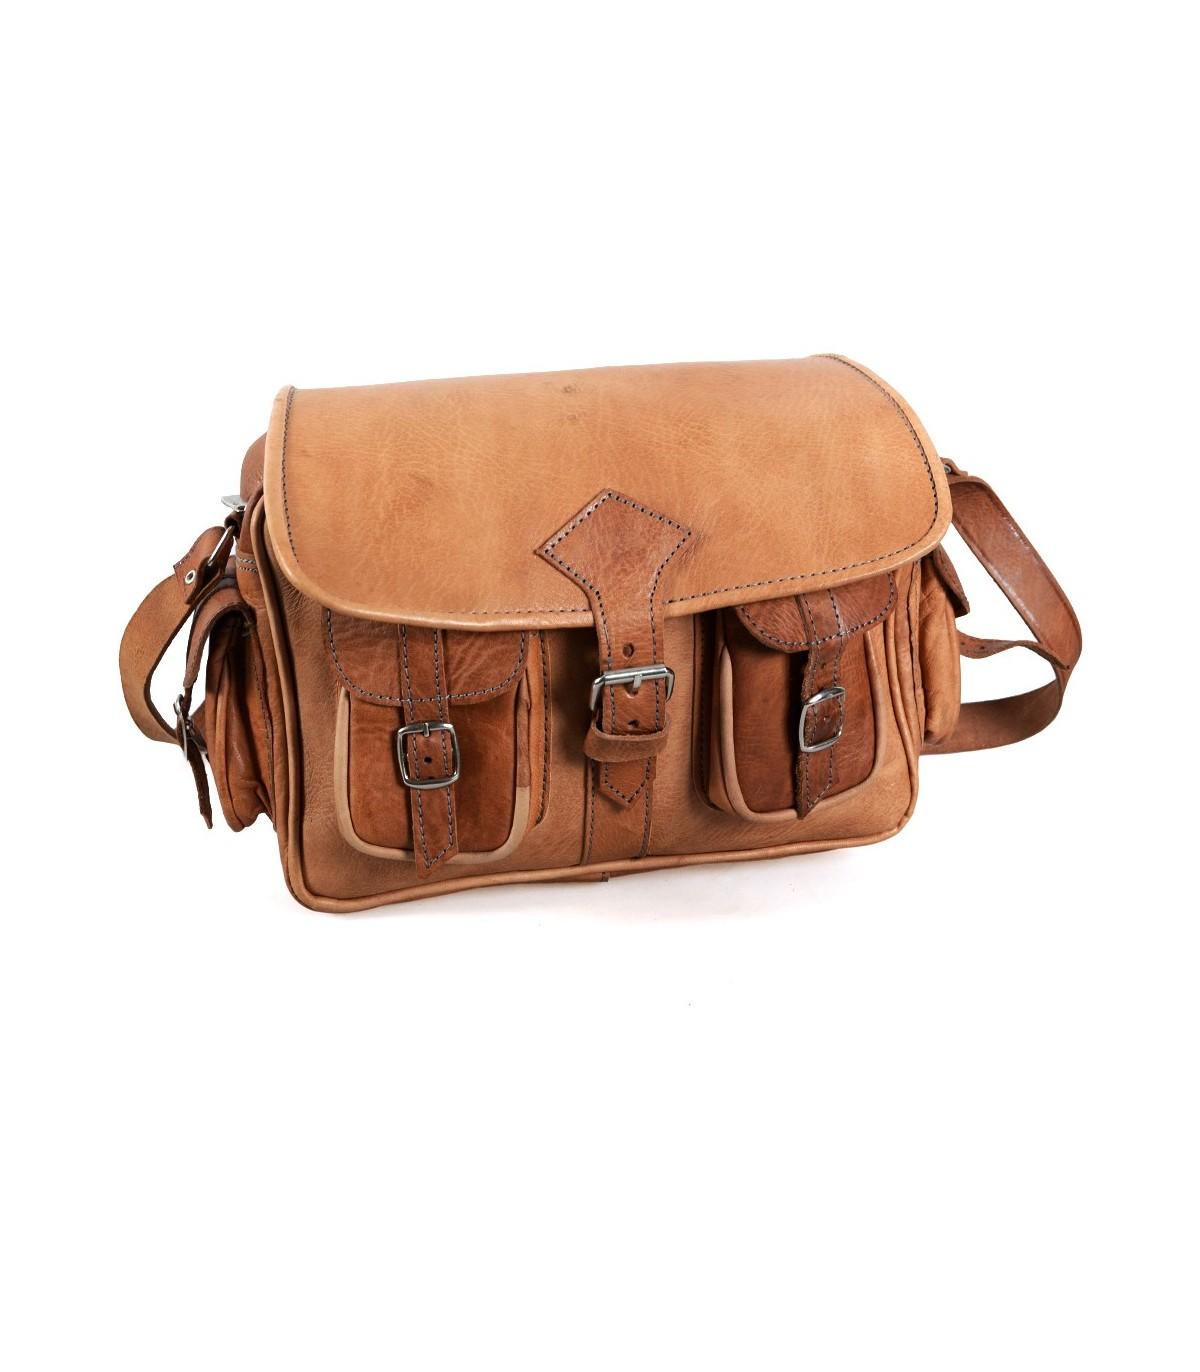 04a230833 Bolsa em couro feito à mão - 6 bolsos - 2 Cores - Handmade